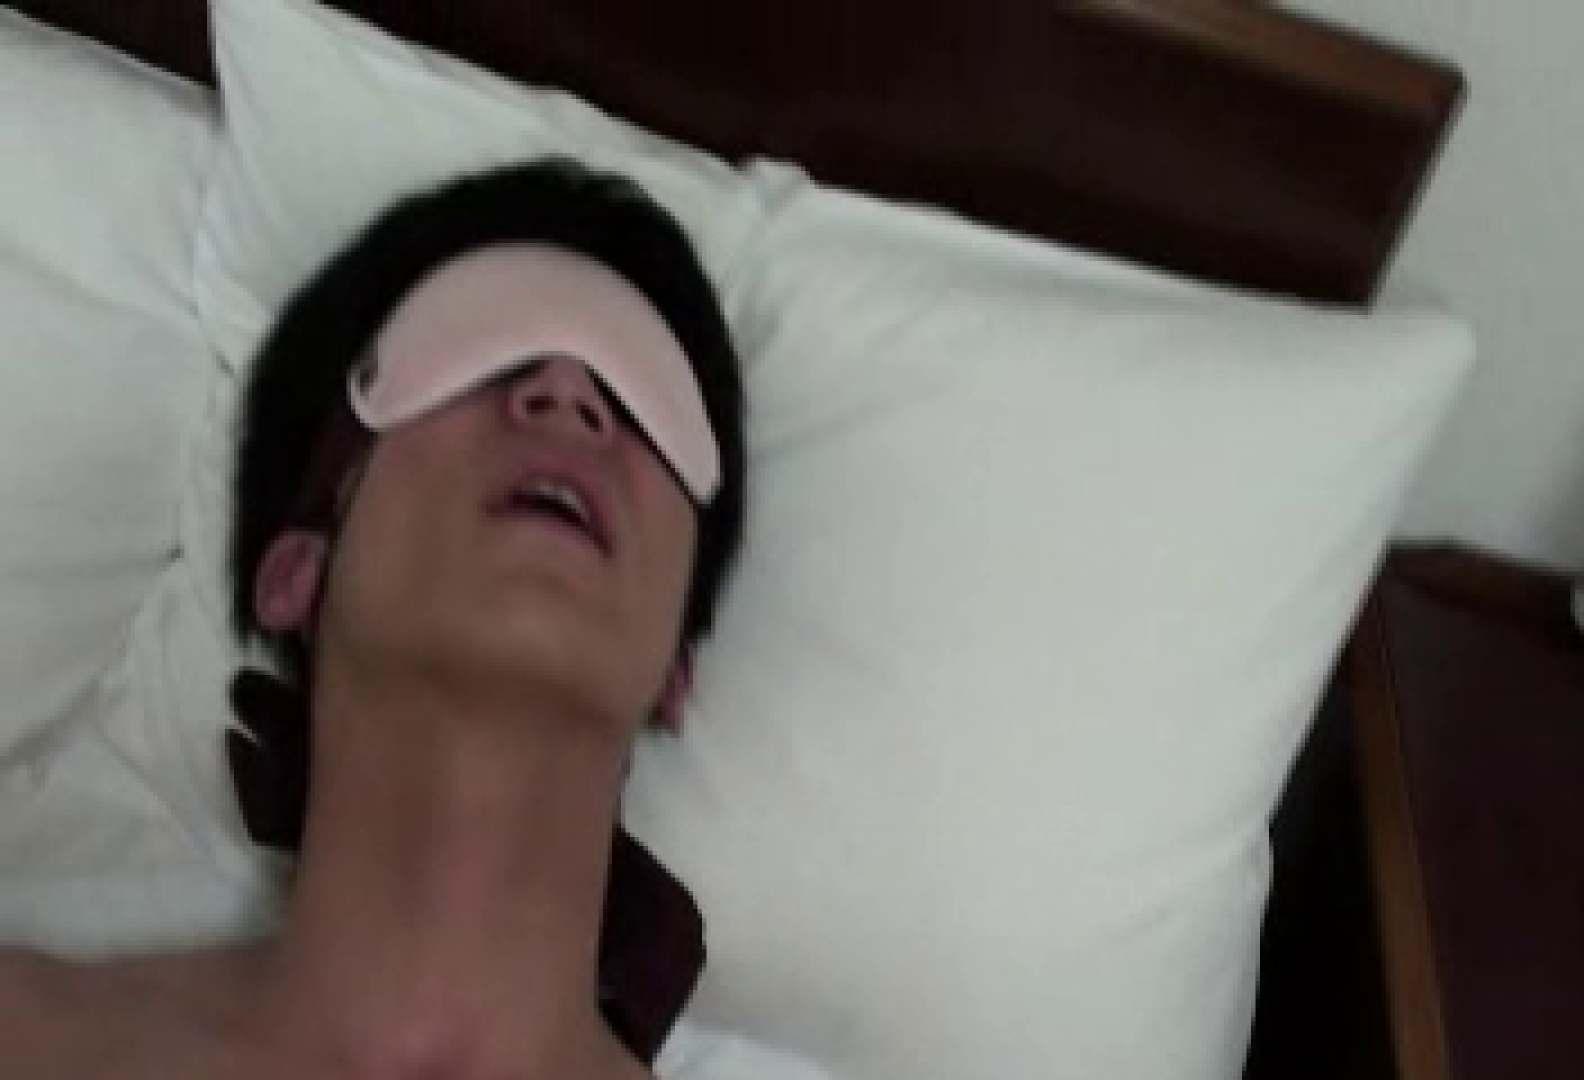 アイマスクでおもいっきり性感帯!!vol.03 ハメ撮り ゲイエロビデオ画像 81枚 24